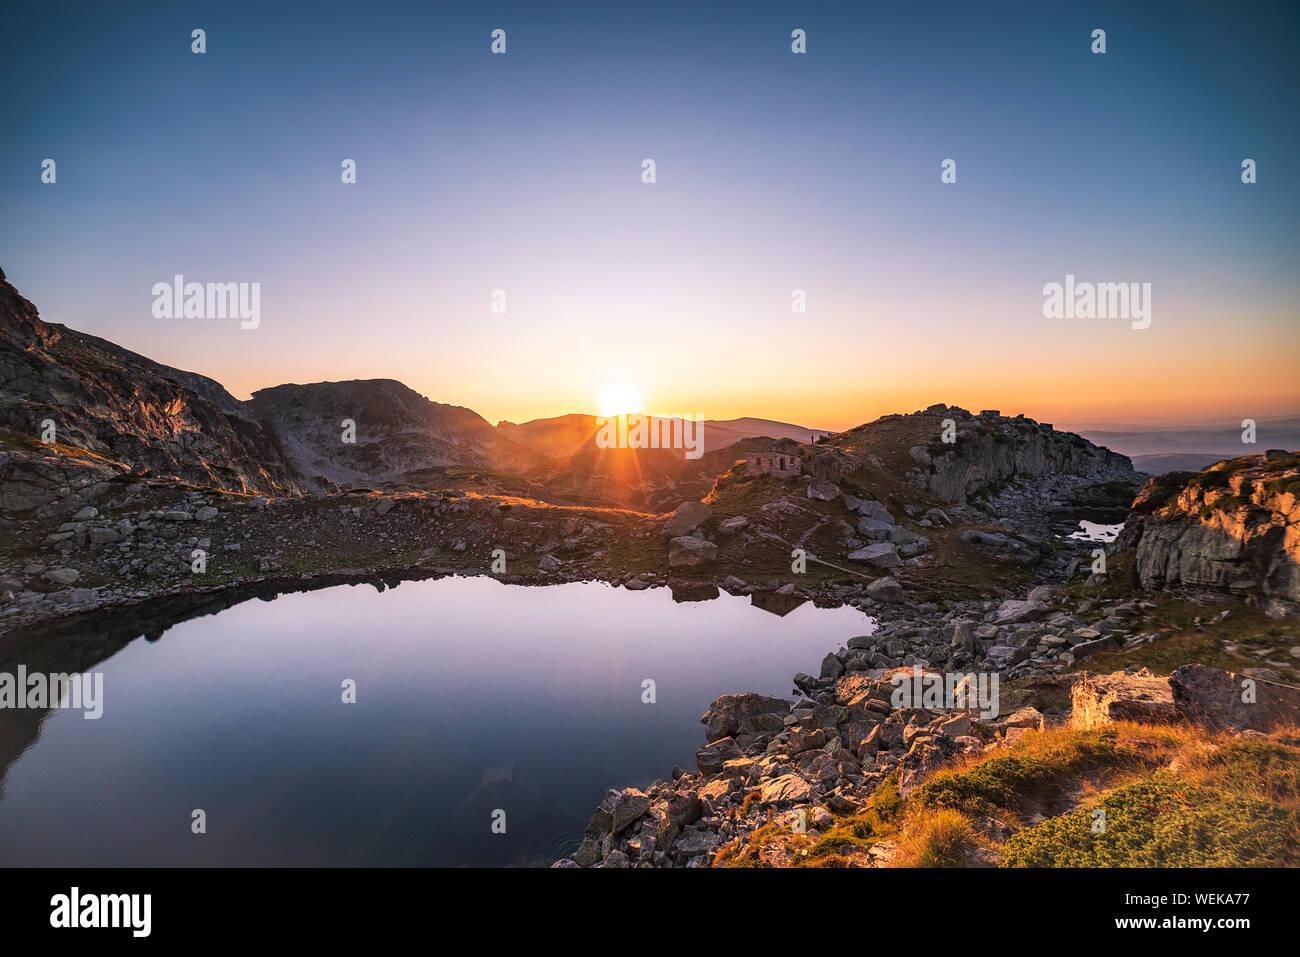 Increíble paisaje del lago de miedo durante el verano cálido atardecer, parque nacional de la montaña de Rila, Bulgaria Foto de stock